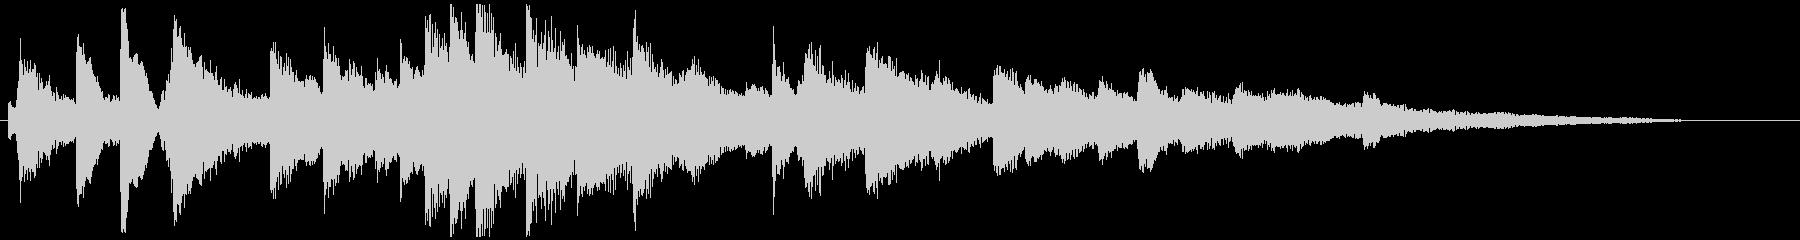 繊細なメロウな ピアノのジングル 20秒の未再生の波形